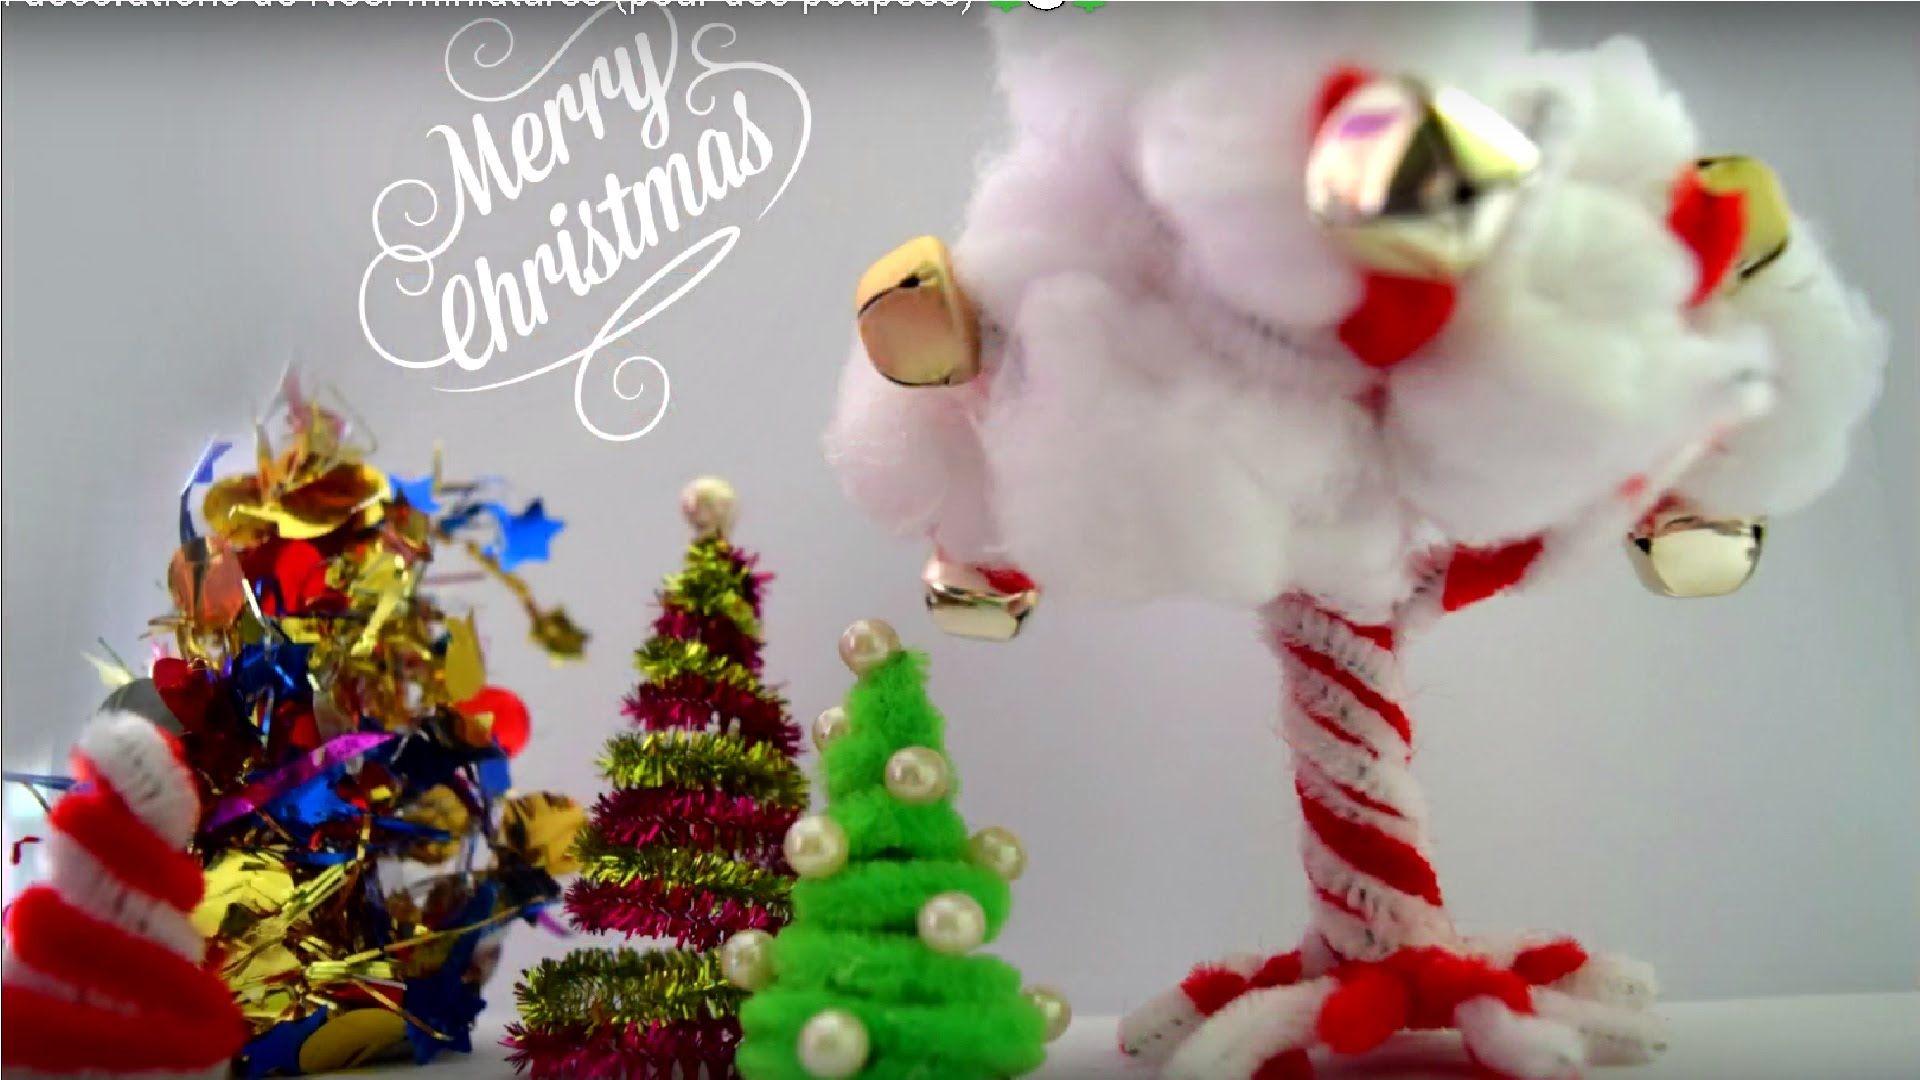 tutorial how to make miniature christmas decorations for dolls - How To Make Miniature Christmas Decorations